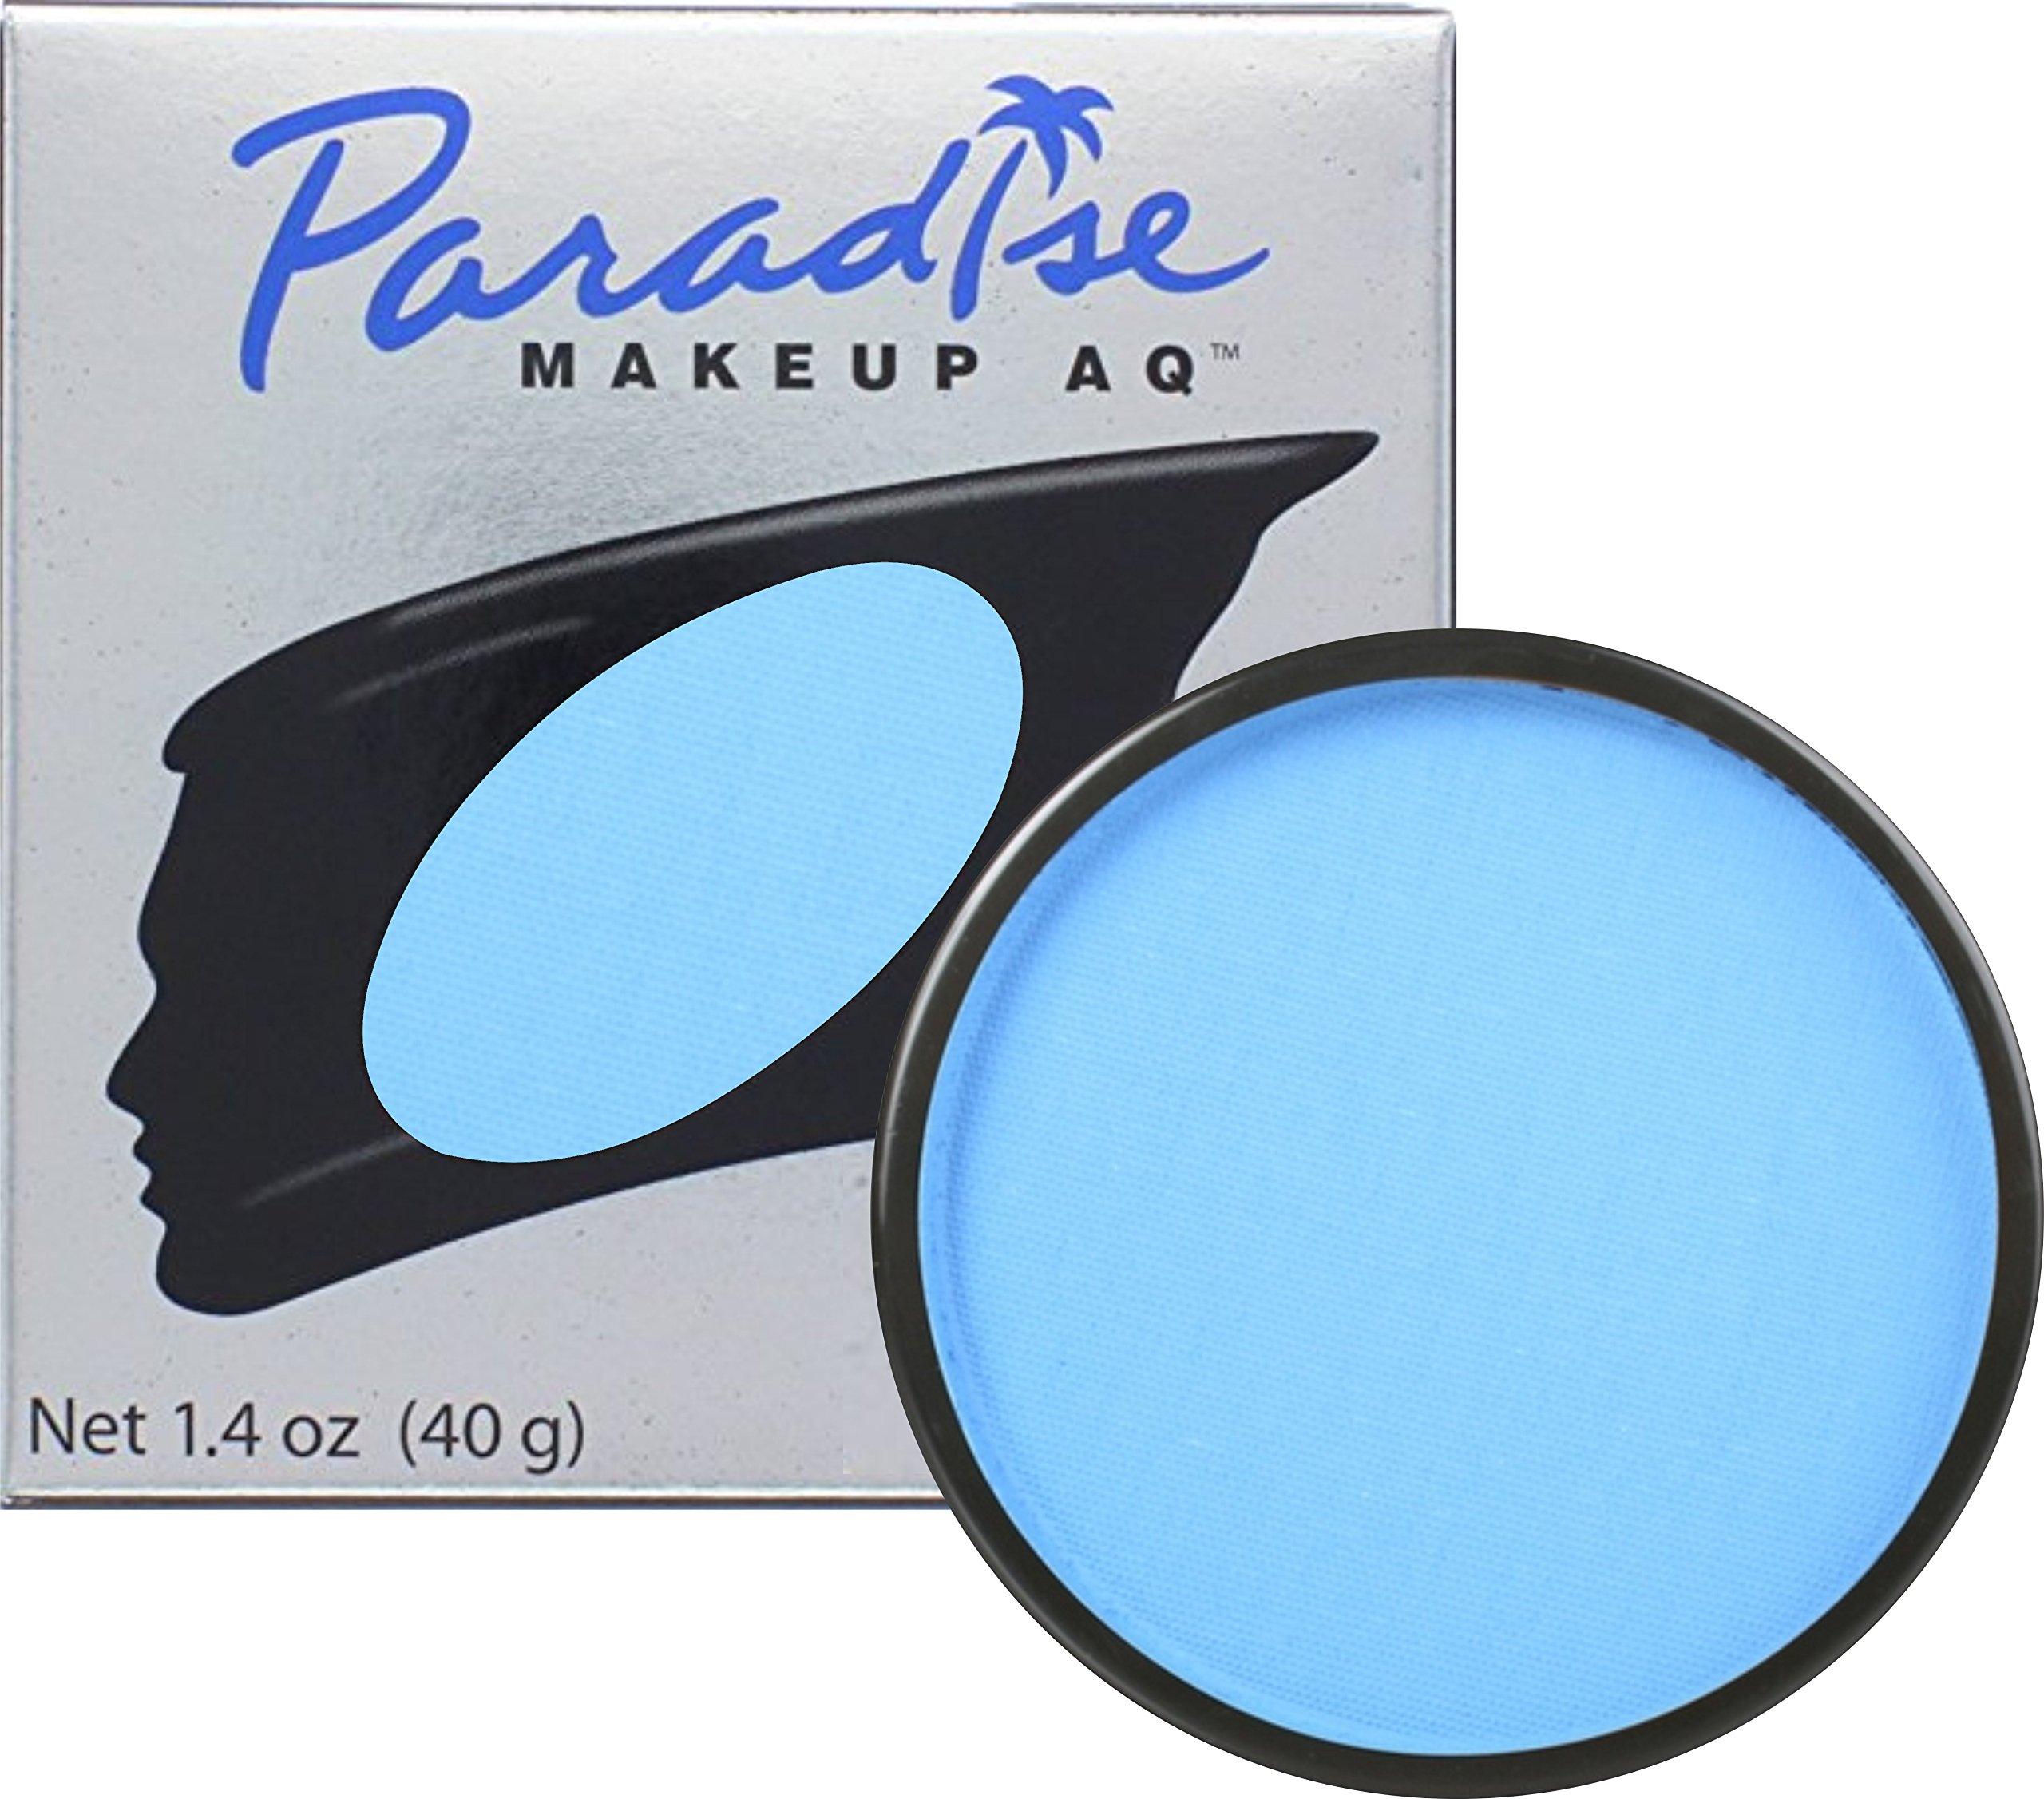 Mehron Makeup Paradise Makeup AQ Face & Body Paint (40 gm) (LIGHT BLUE)